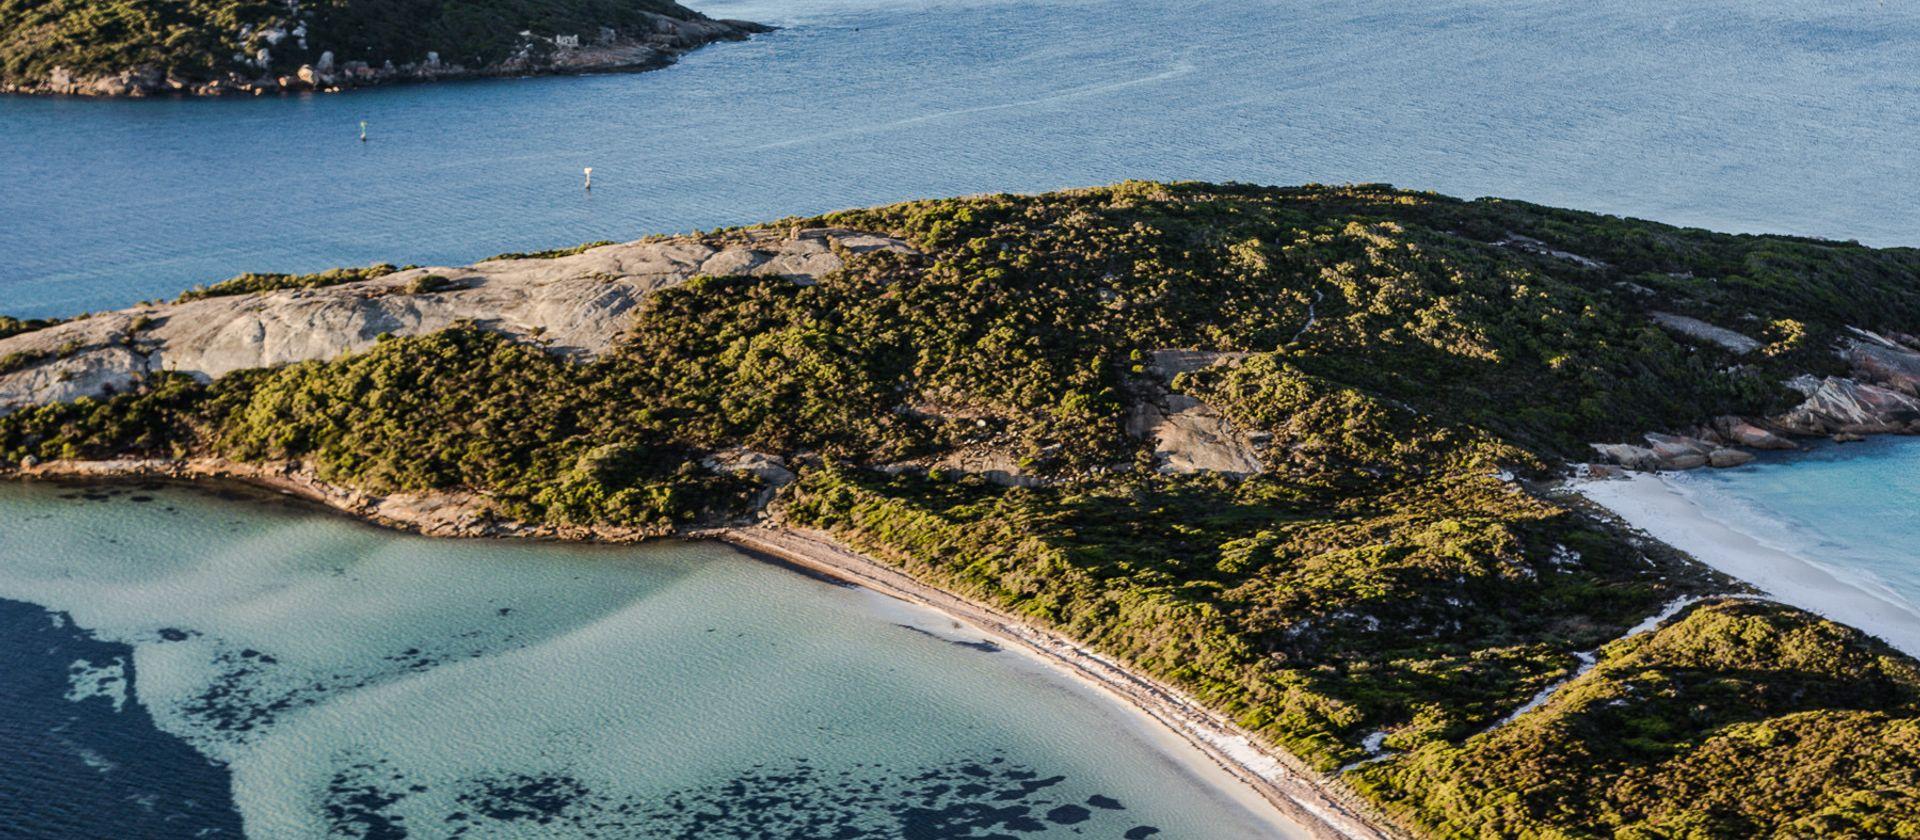 Albany coastal banner image